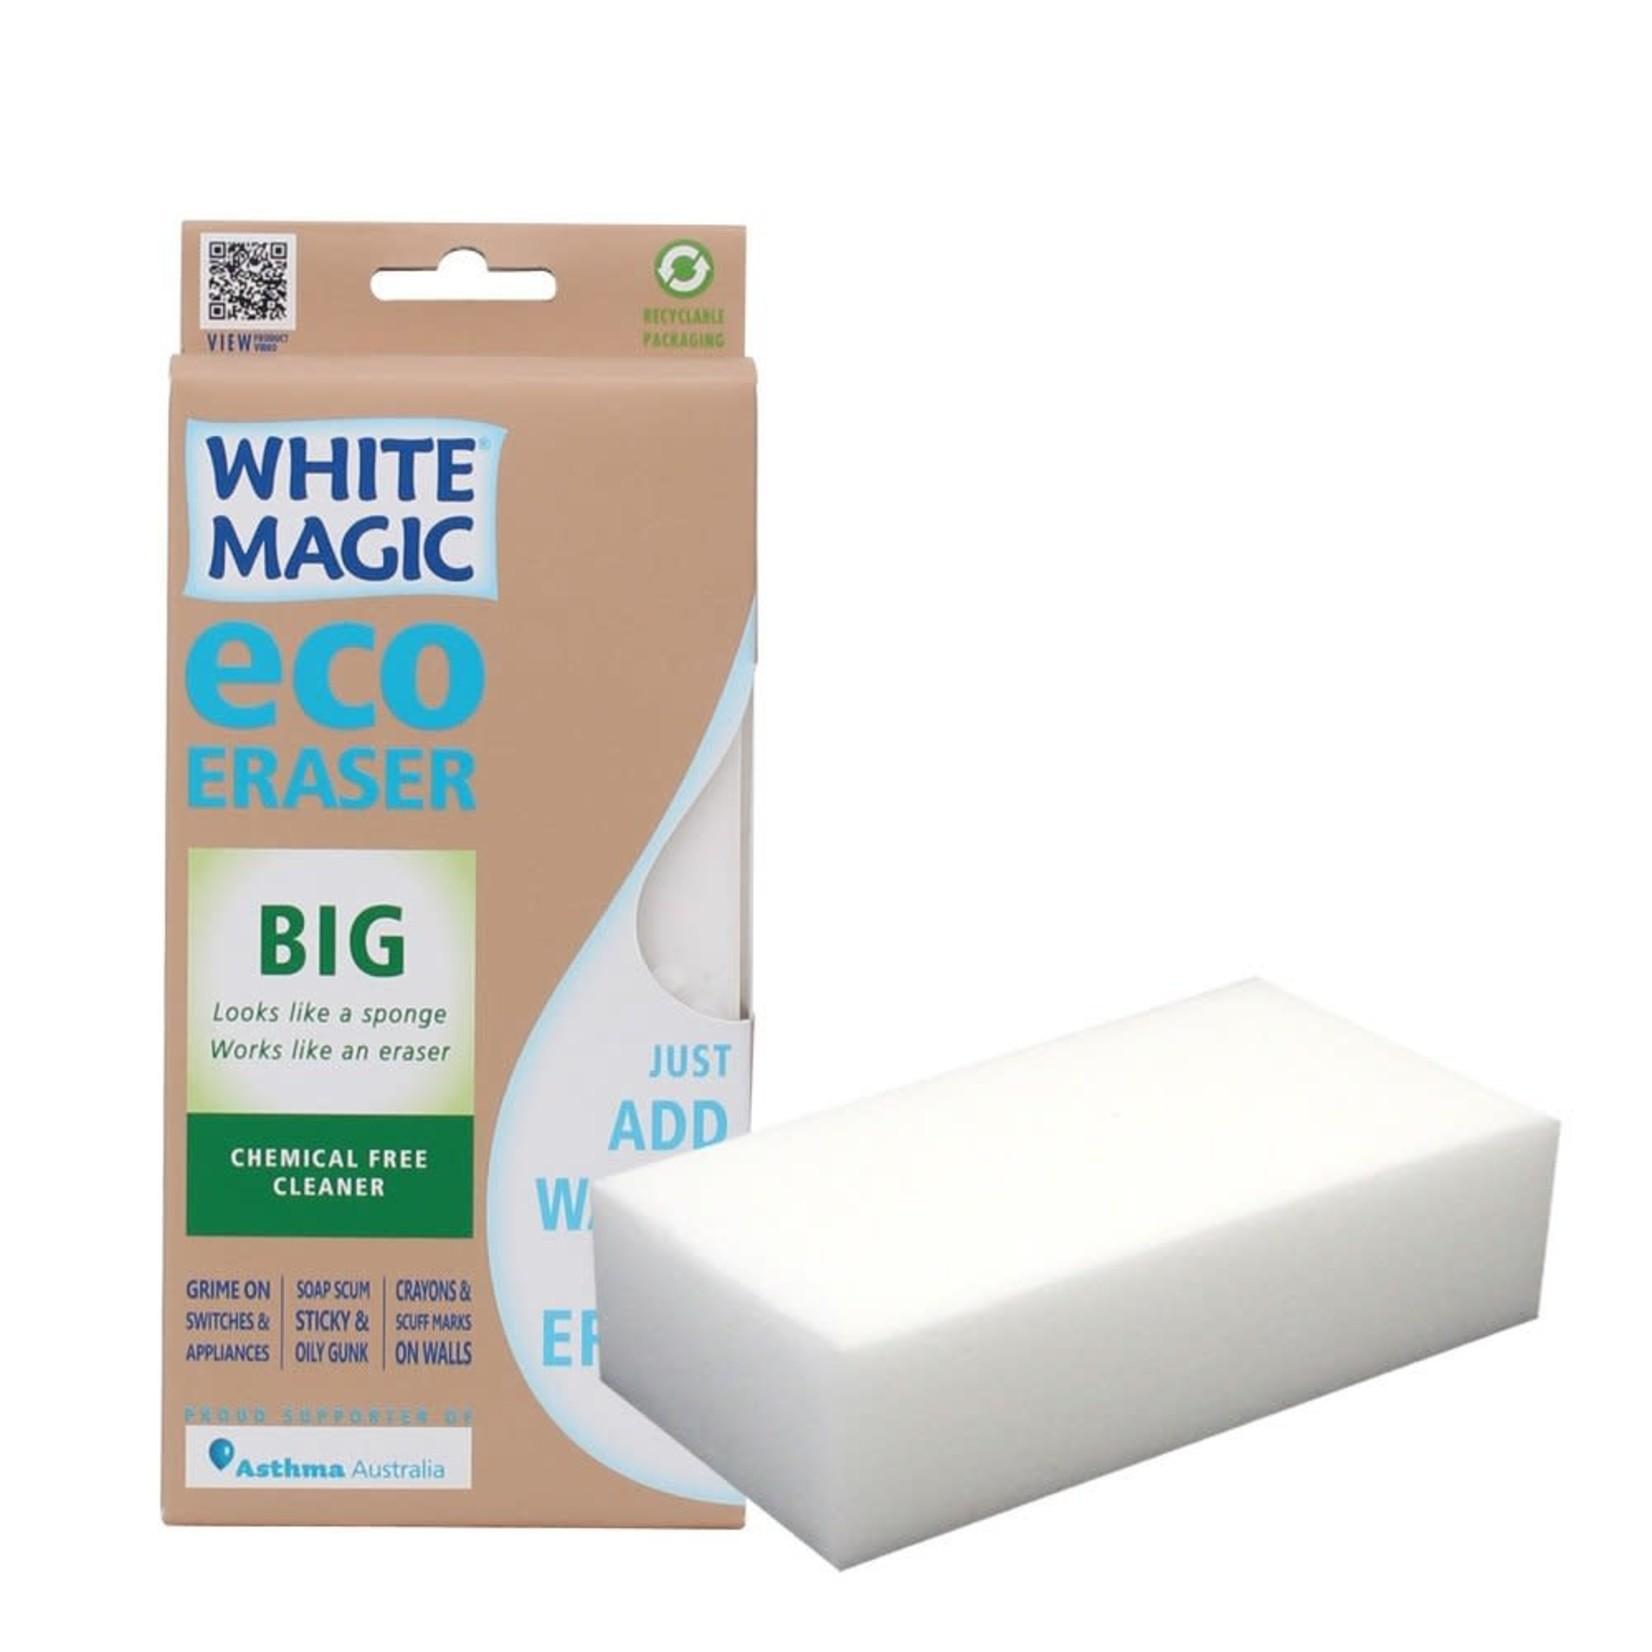 White Magic White Magic Eco Eraser Sponge - Big